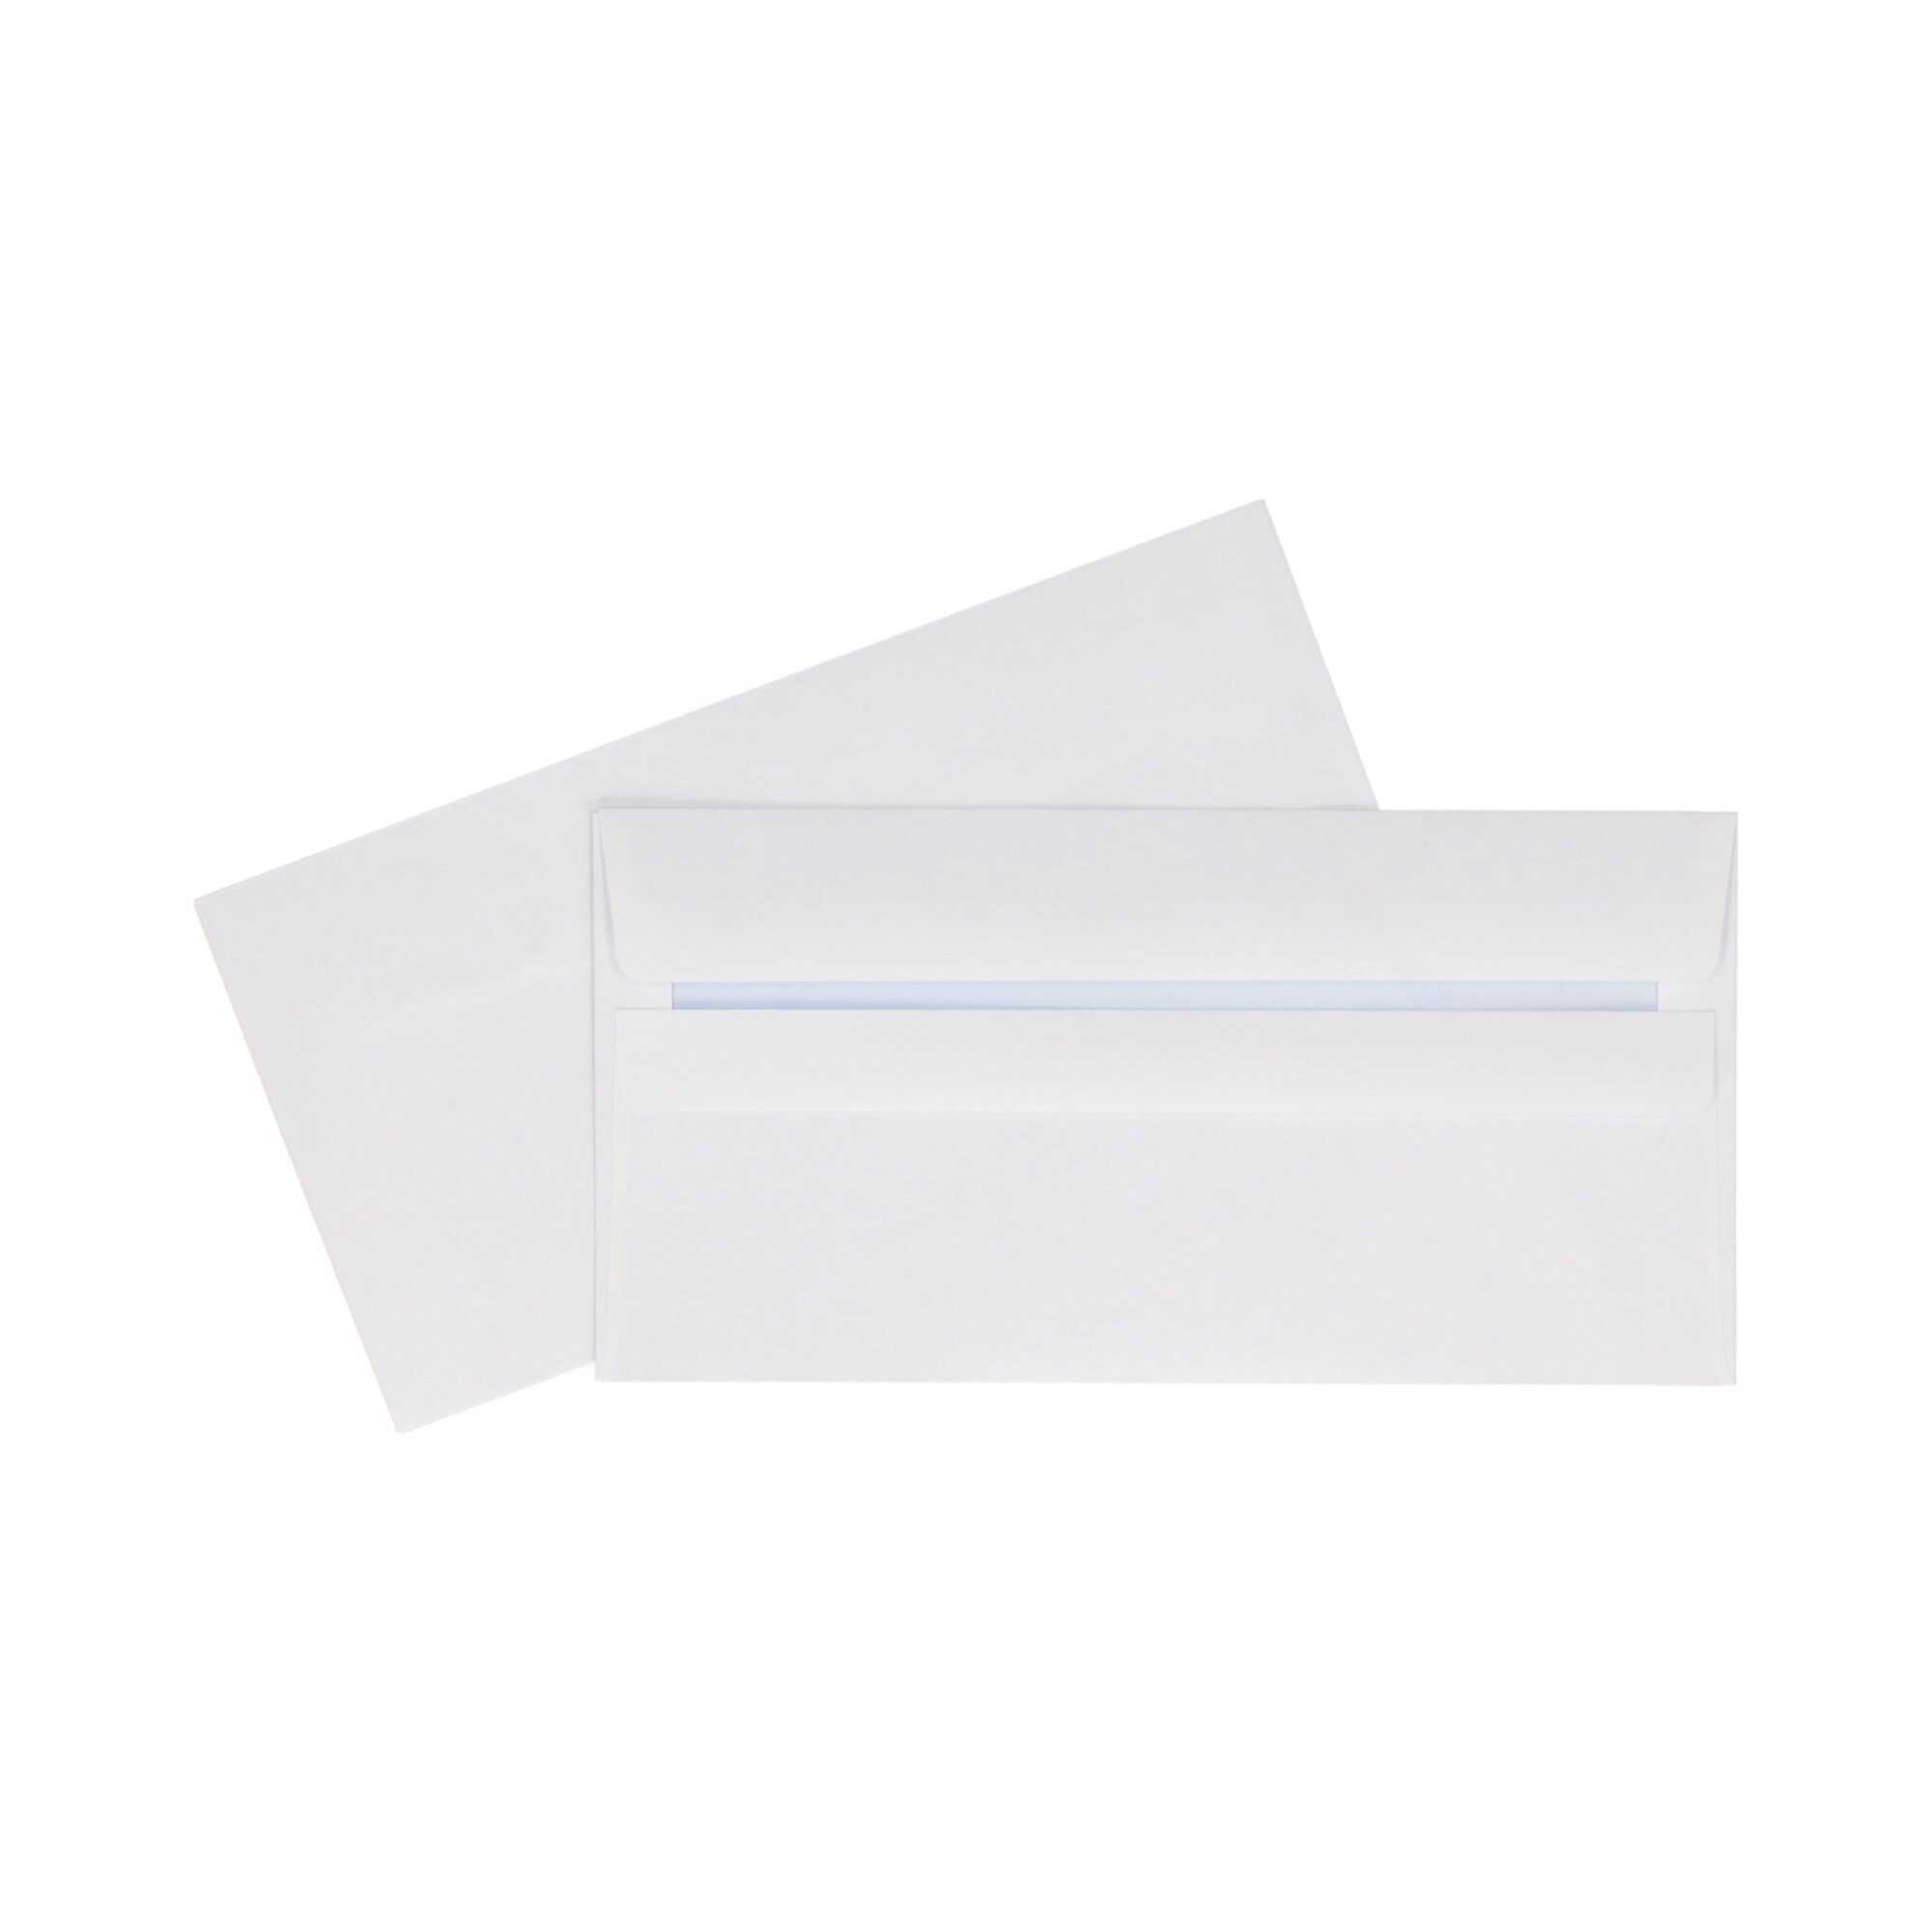 Koperty DL białe SK (25)